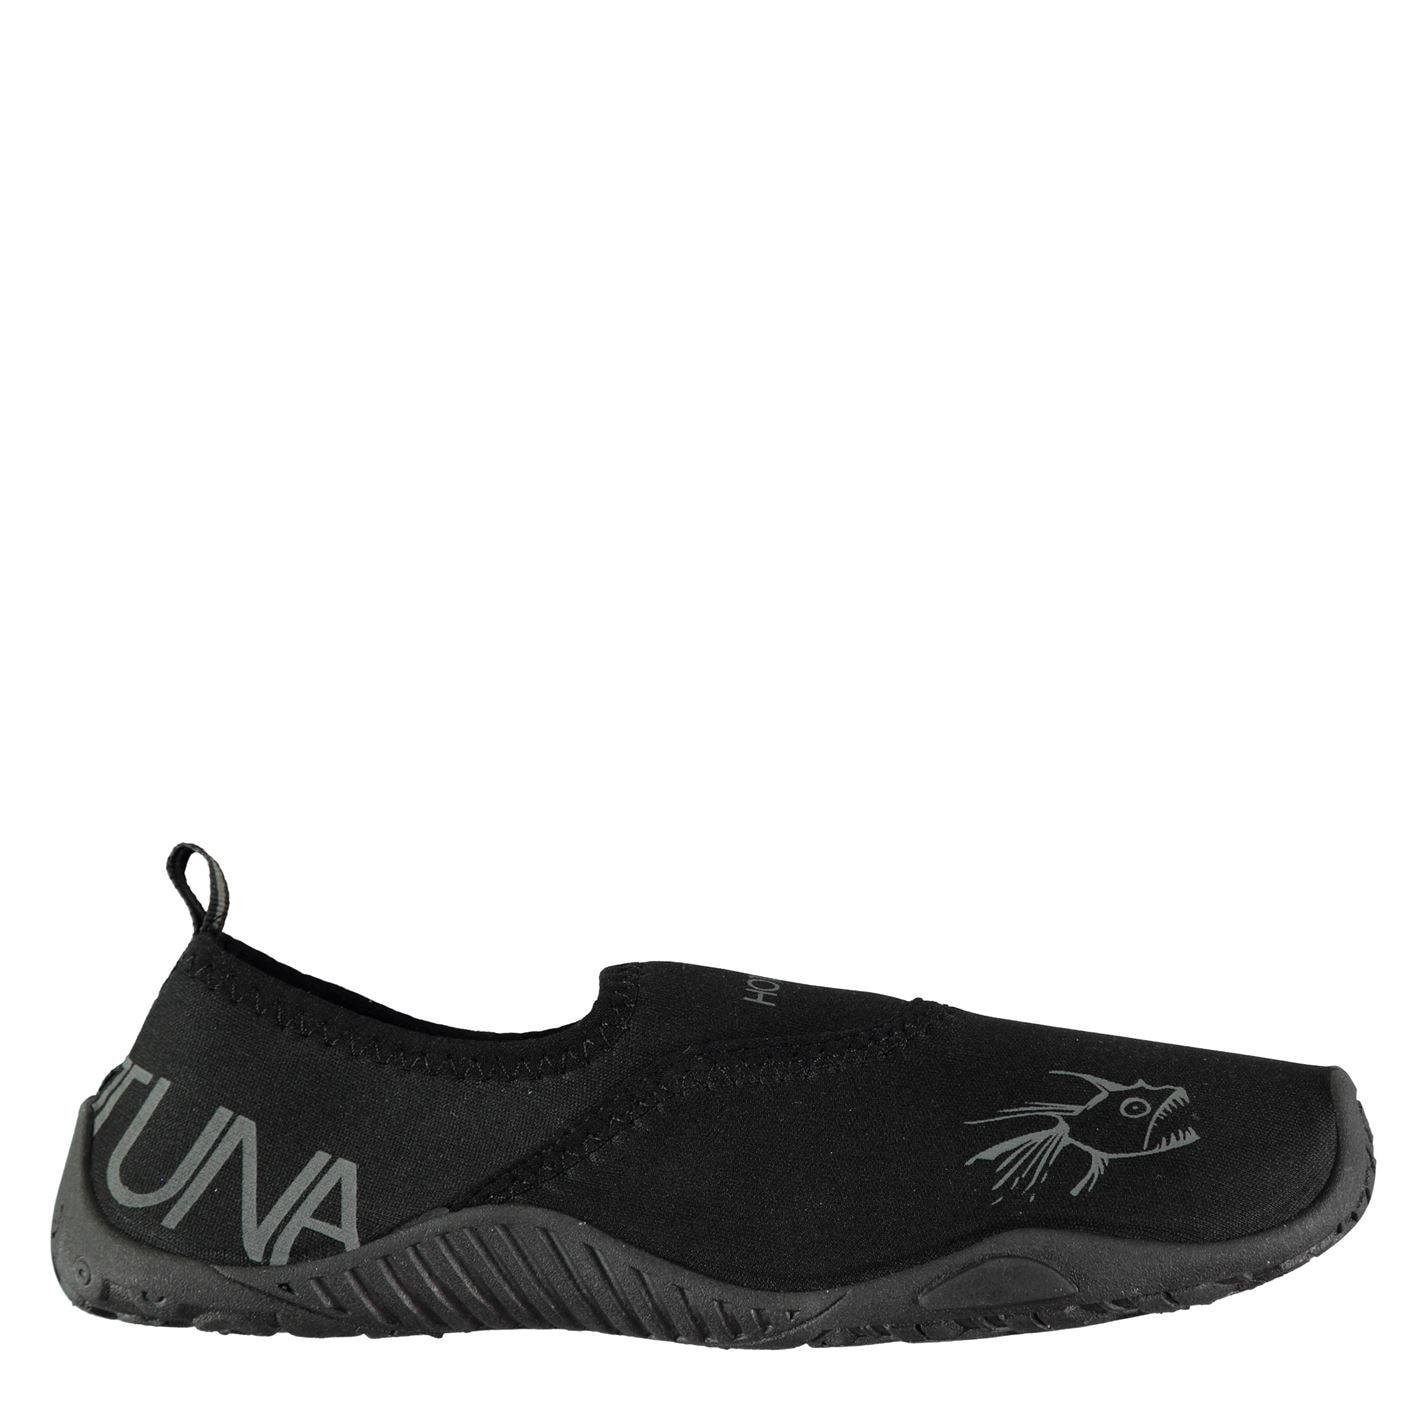 Pantofi apa Hot Tuna Aqua pentru Barbati negru